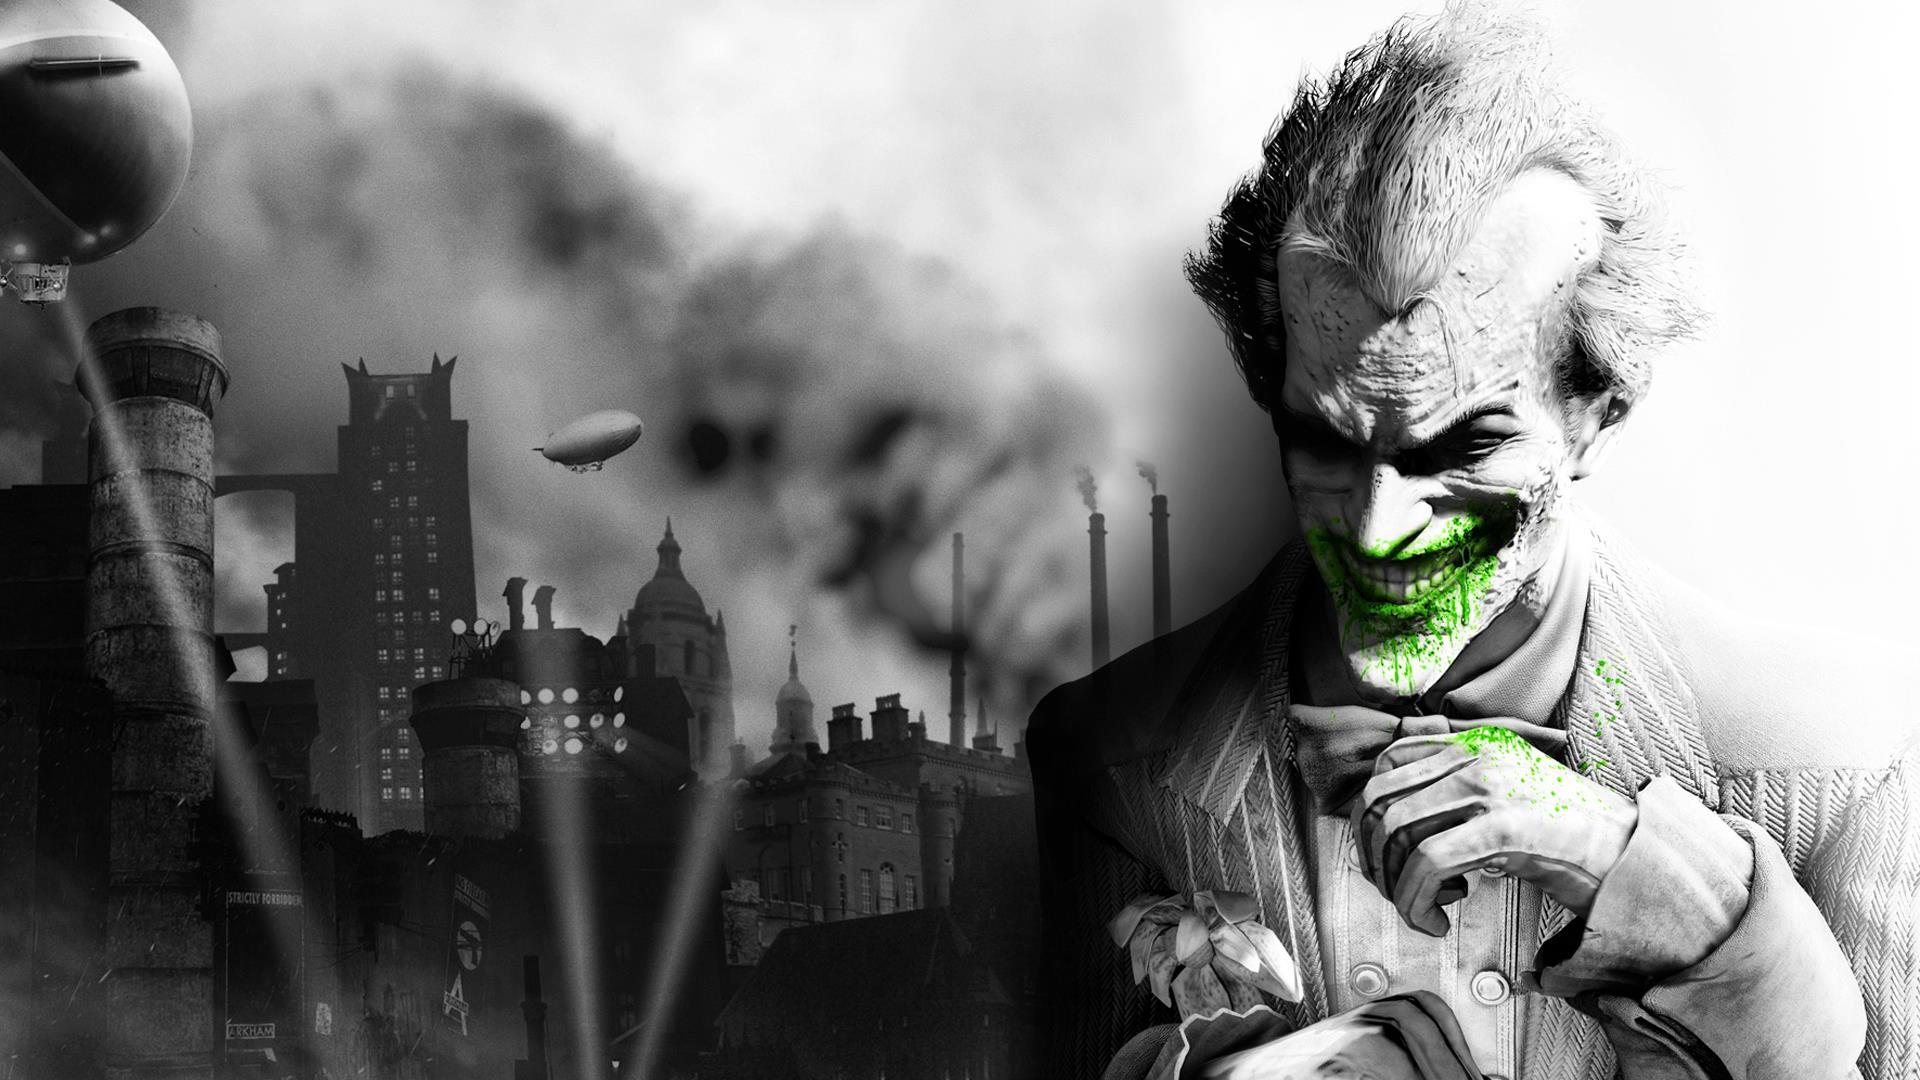 Batman City Wallpaper Sf Wallpaper